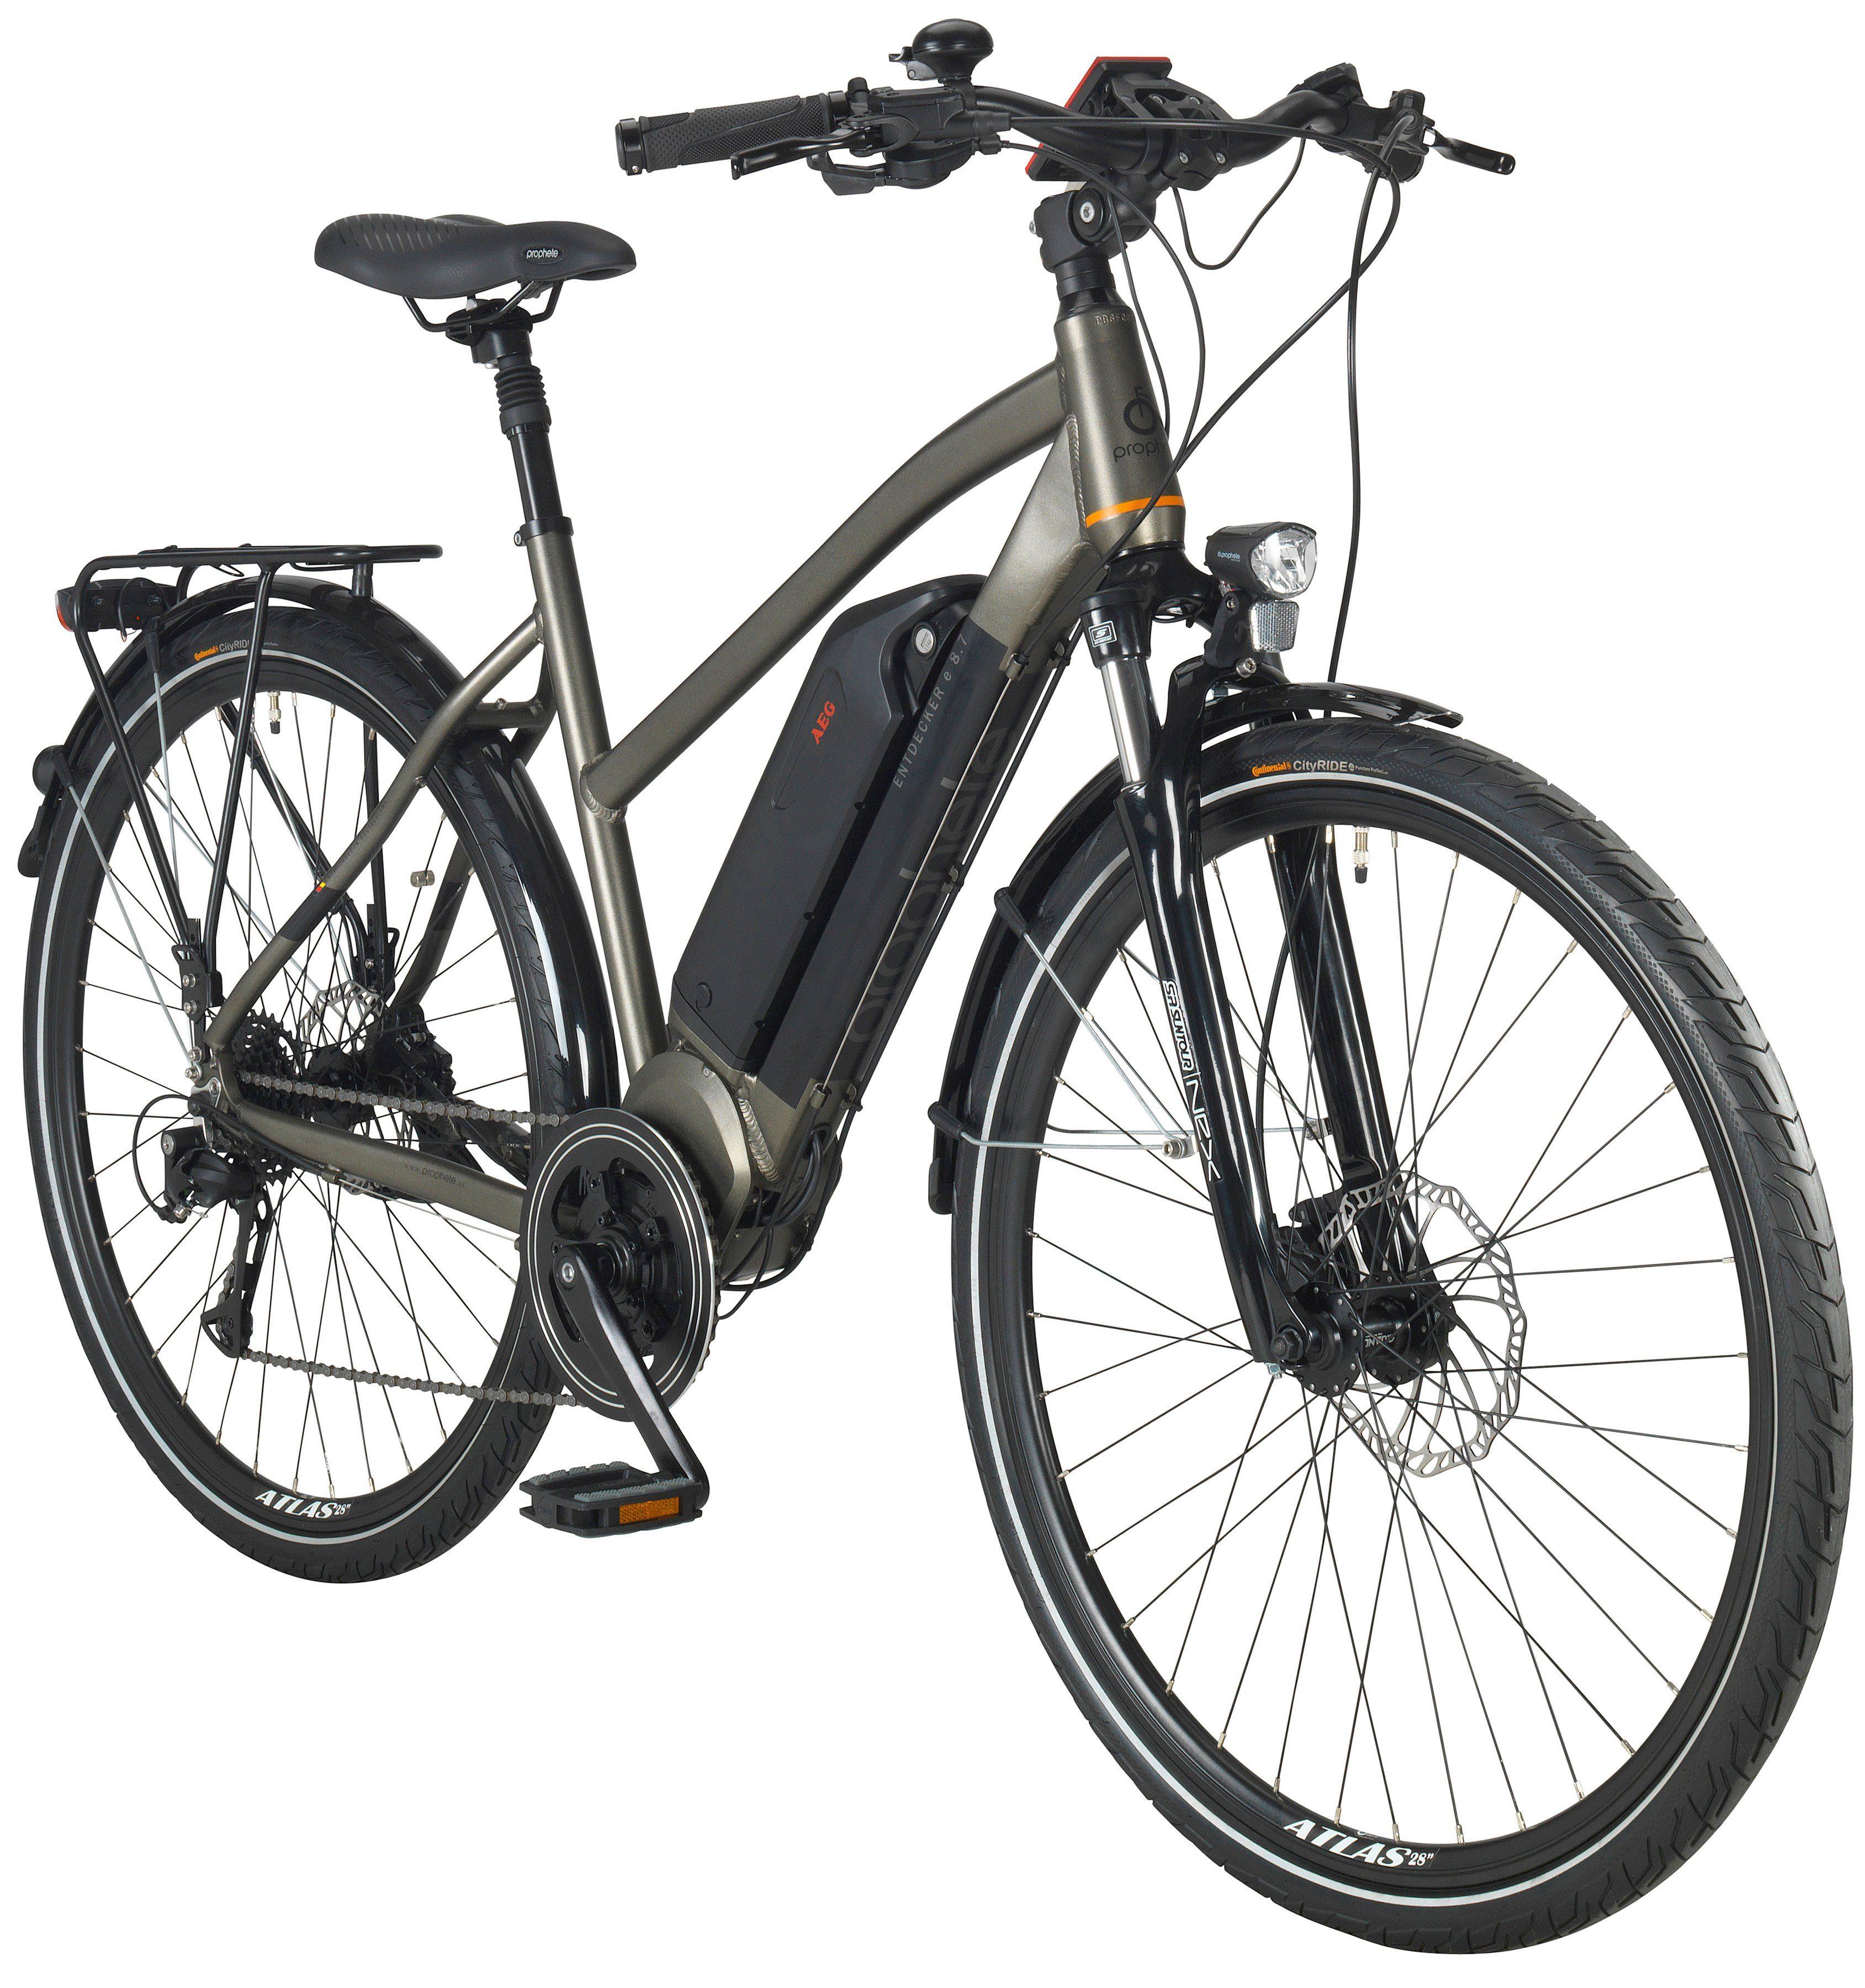 PROPHETE E-Bike Trekking Damen »ENTDECKER e8.7«, 28 Zoll, 8-Gang, AEG-Mittelmotor, 374 Wh